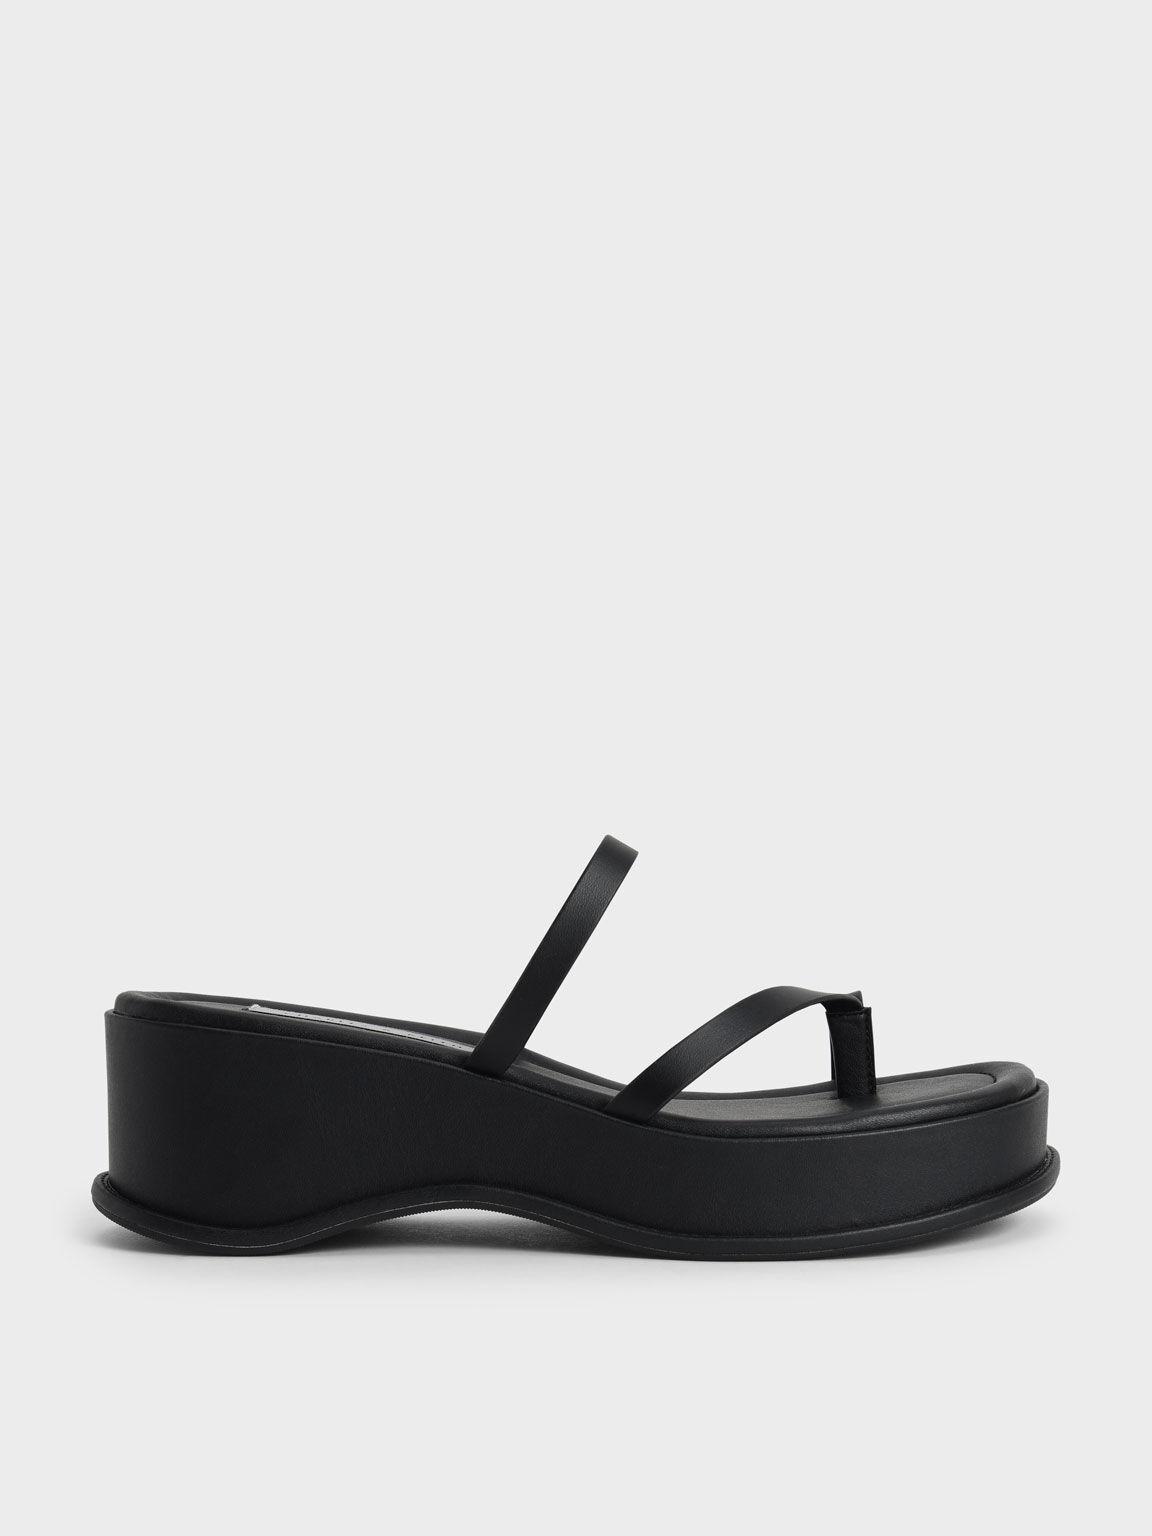 Toe Loop Flatform Sandals, Black, hi-res